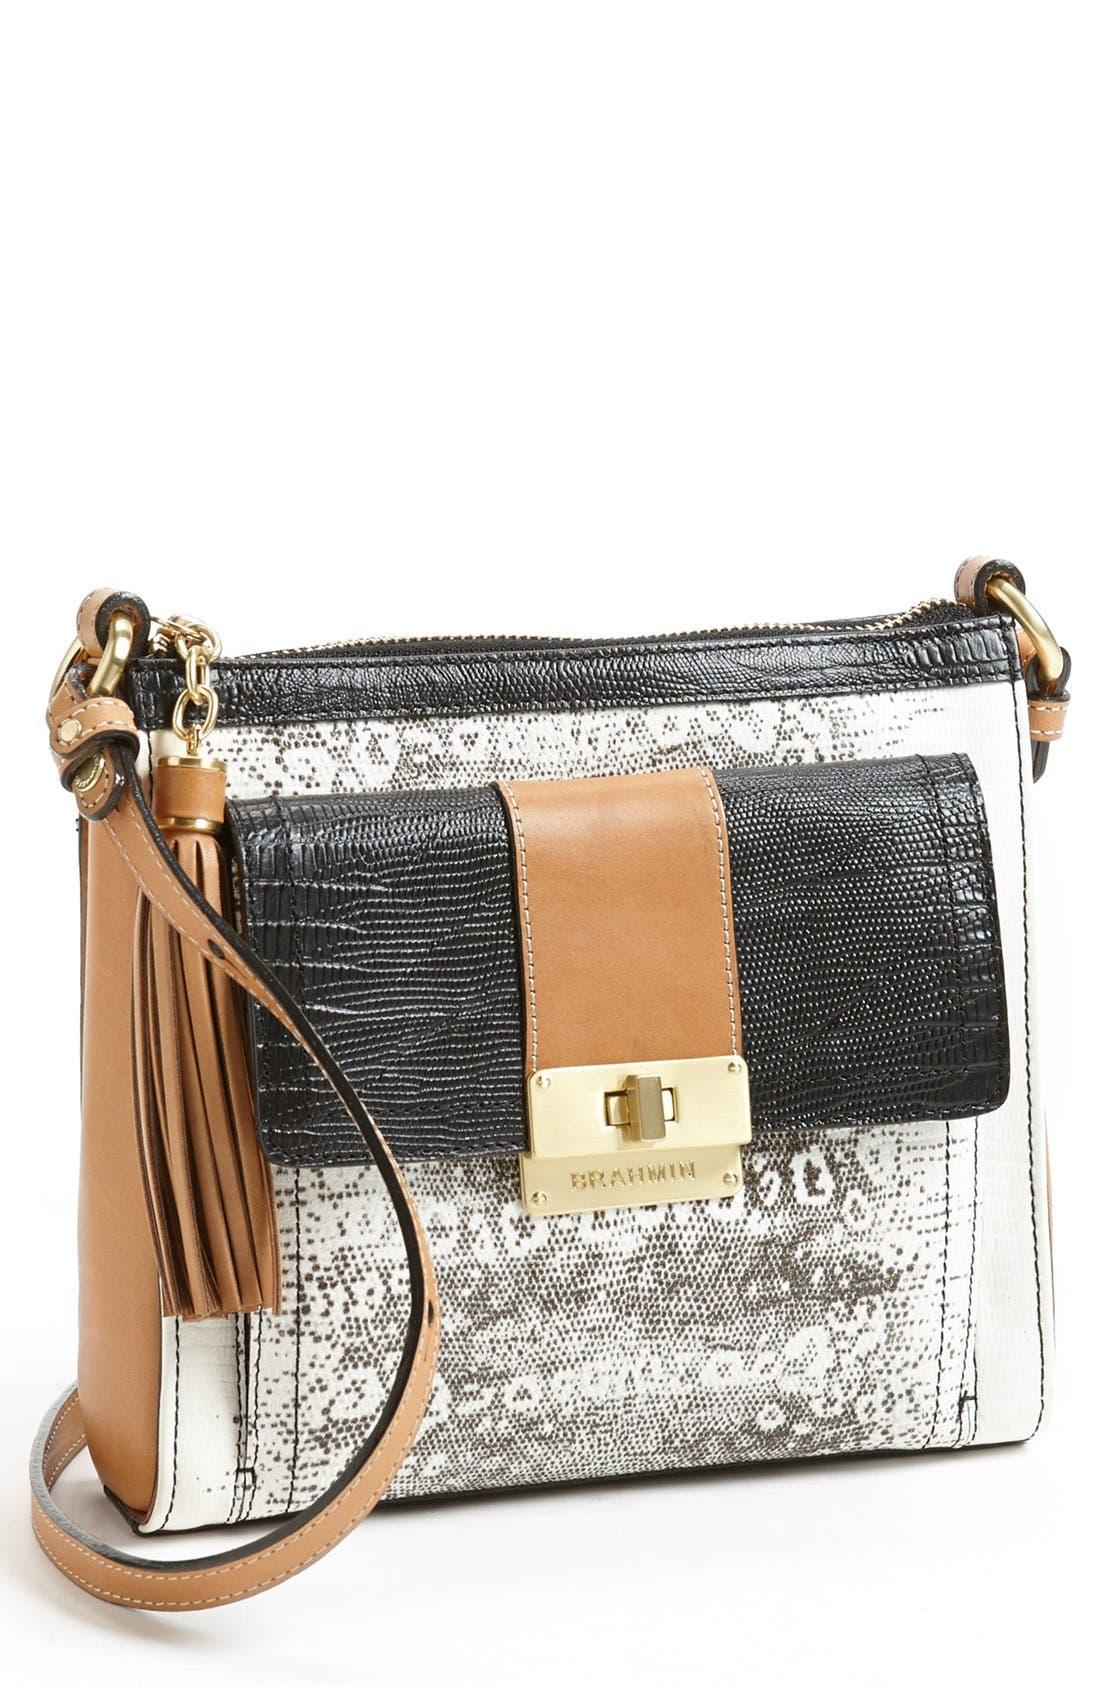 Main Image - Brahmin 'Mimosa' Crossbody Bag